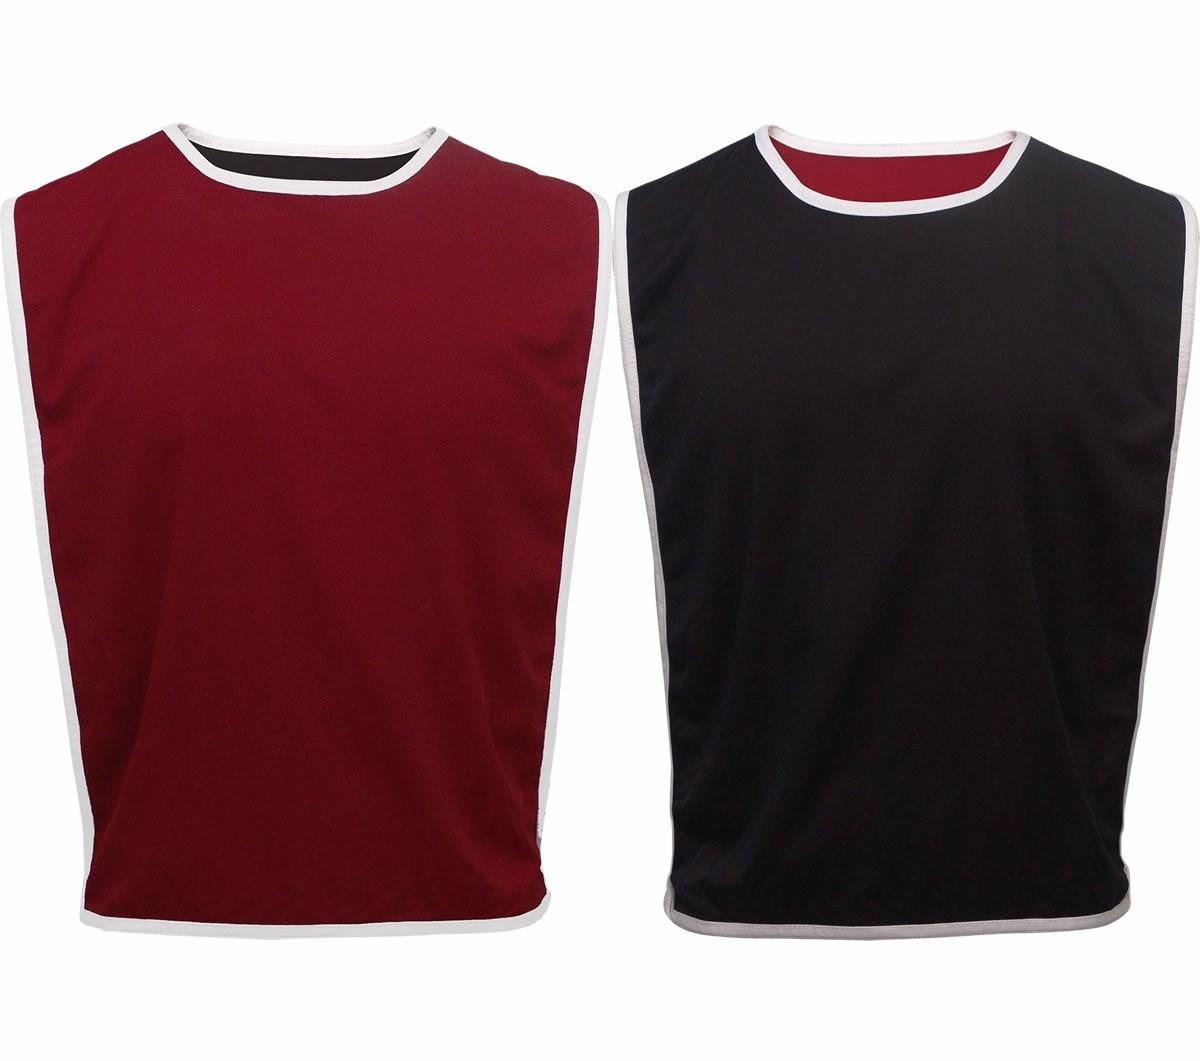 Colete Dupla Face Preto E Vermelho (60x45cm) 100% Poliéster - R  16 ... 52b37aaf97545